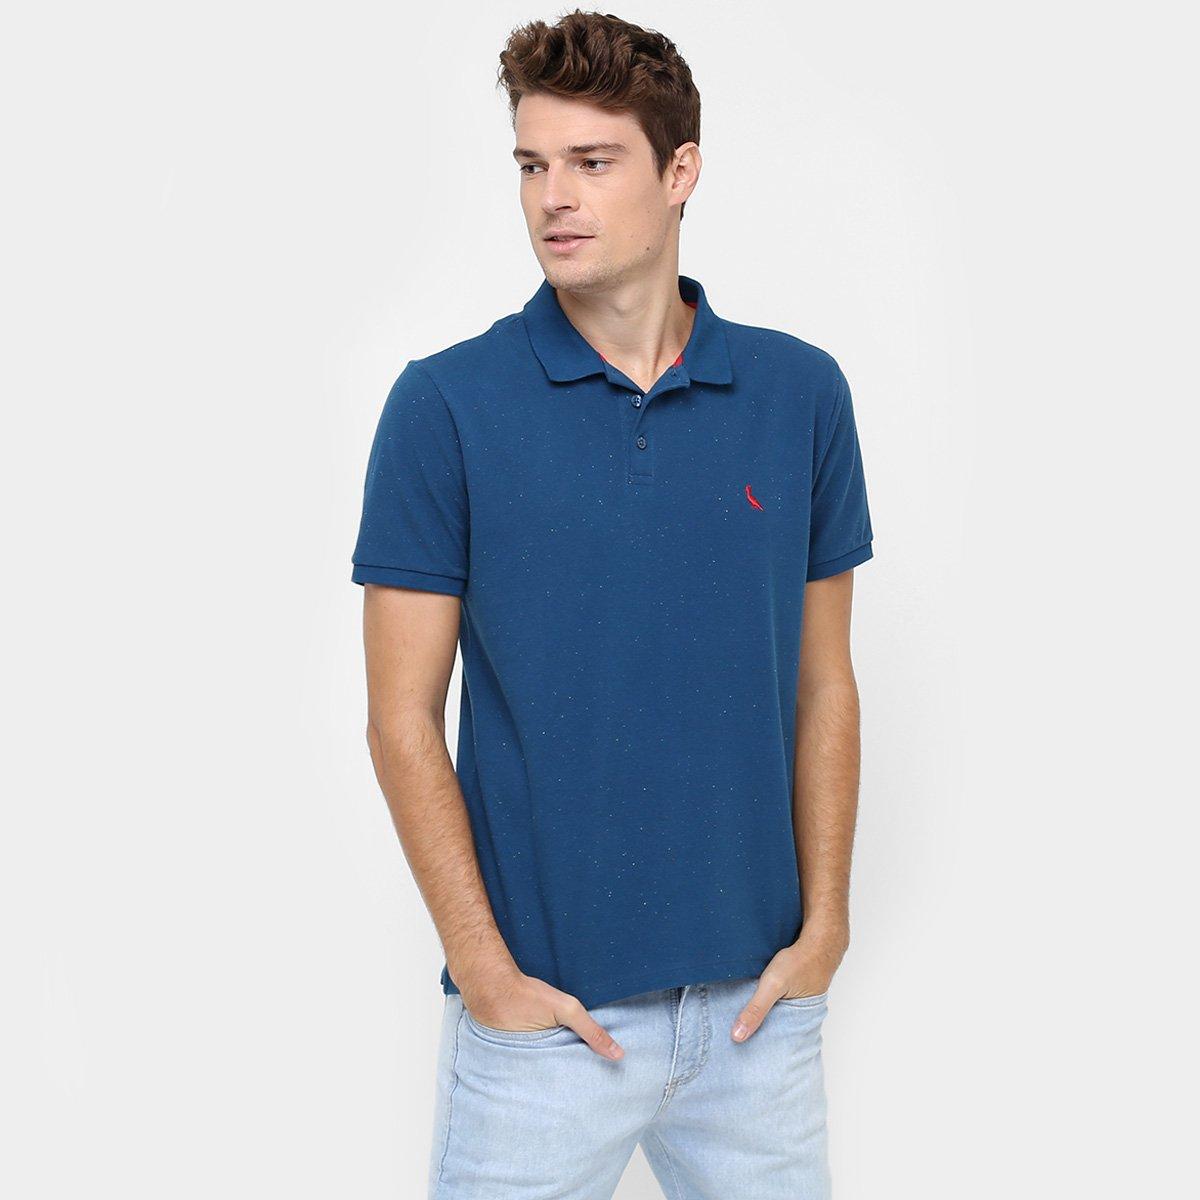 Camisa Polo Reserva Piquet Botonê Fantasia Bordado - Compre Agora ... eb250814a423d